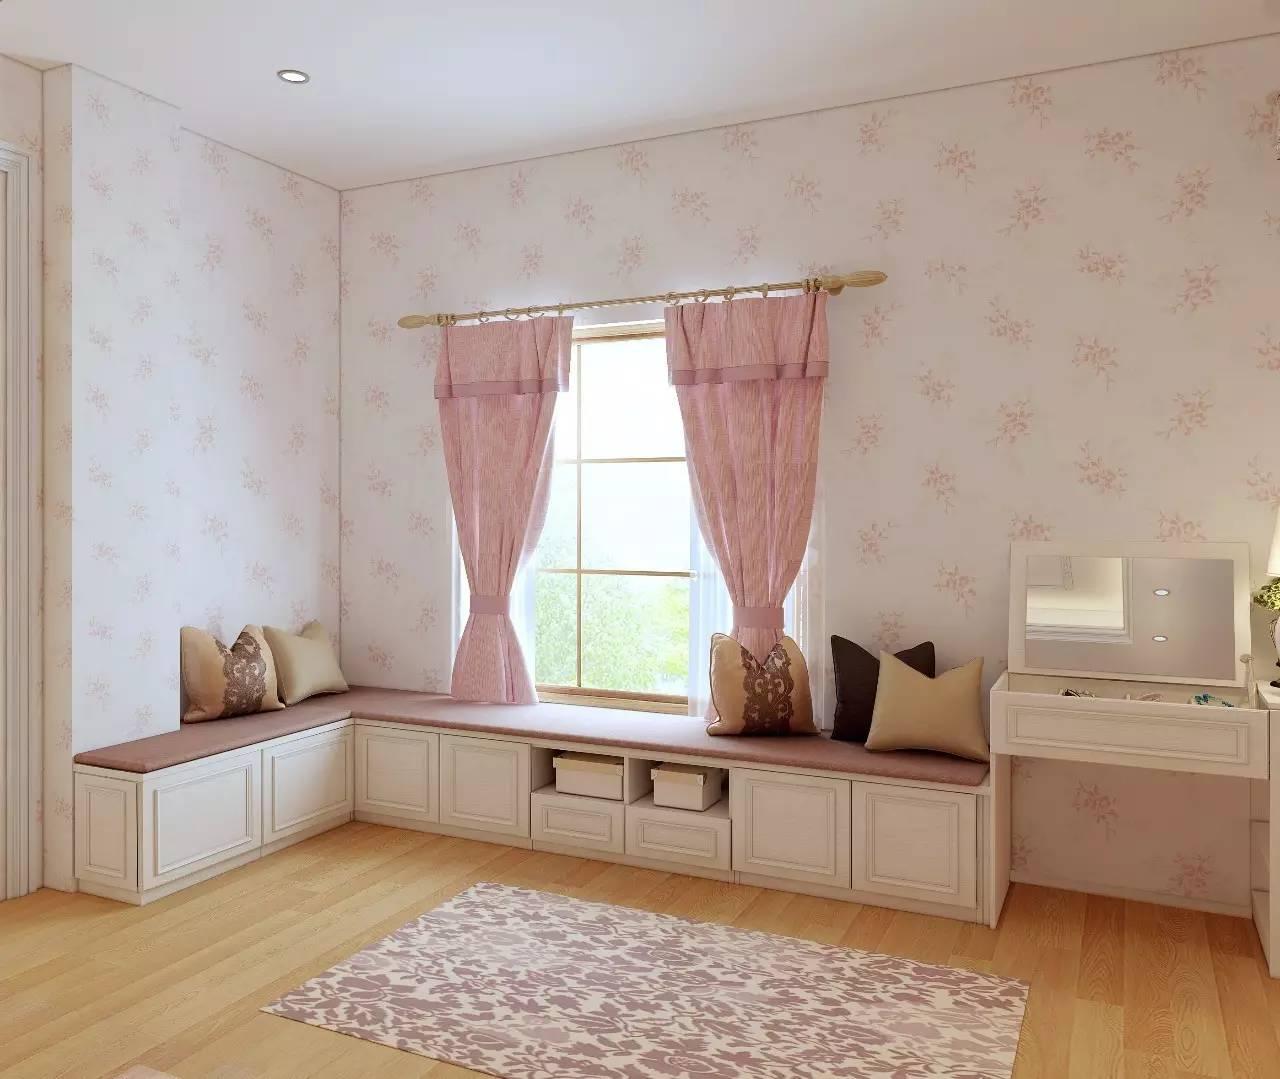 衣柜和梳妆台及飘窗连在一起,让卧室的角落成为休闲打扮的好场所图片